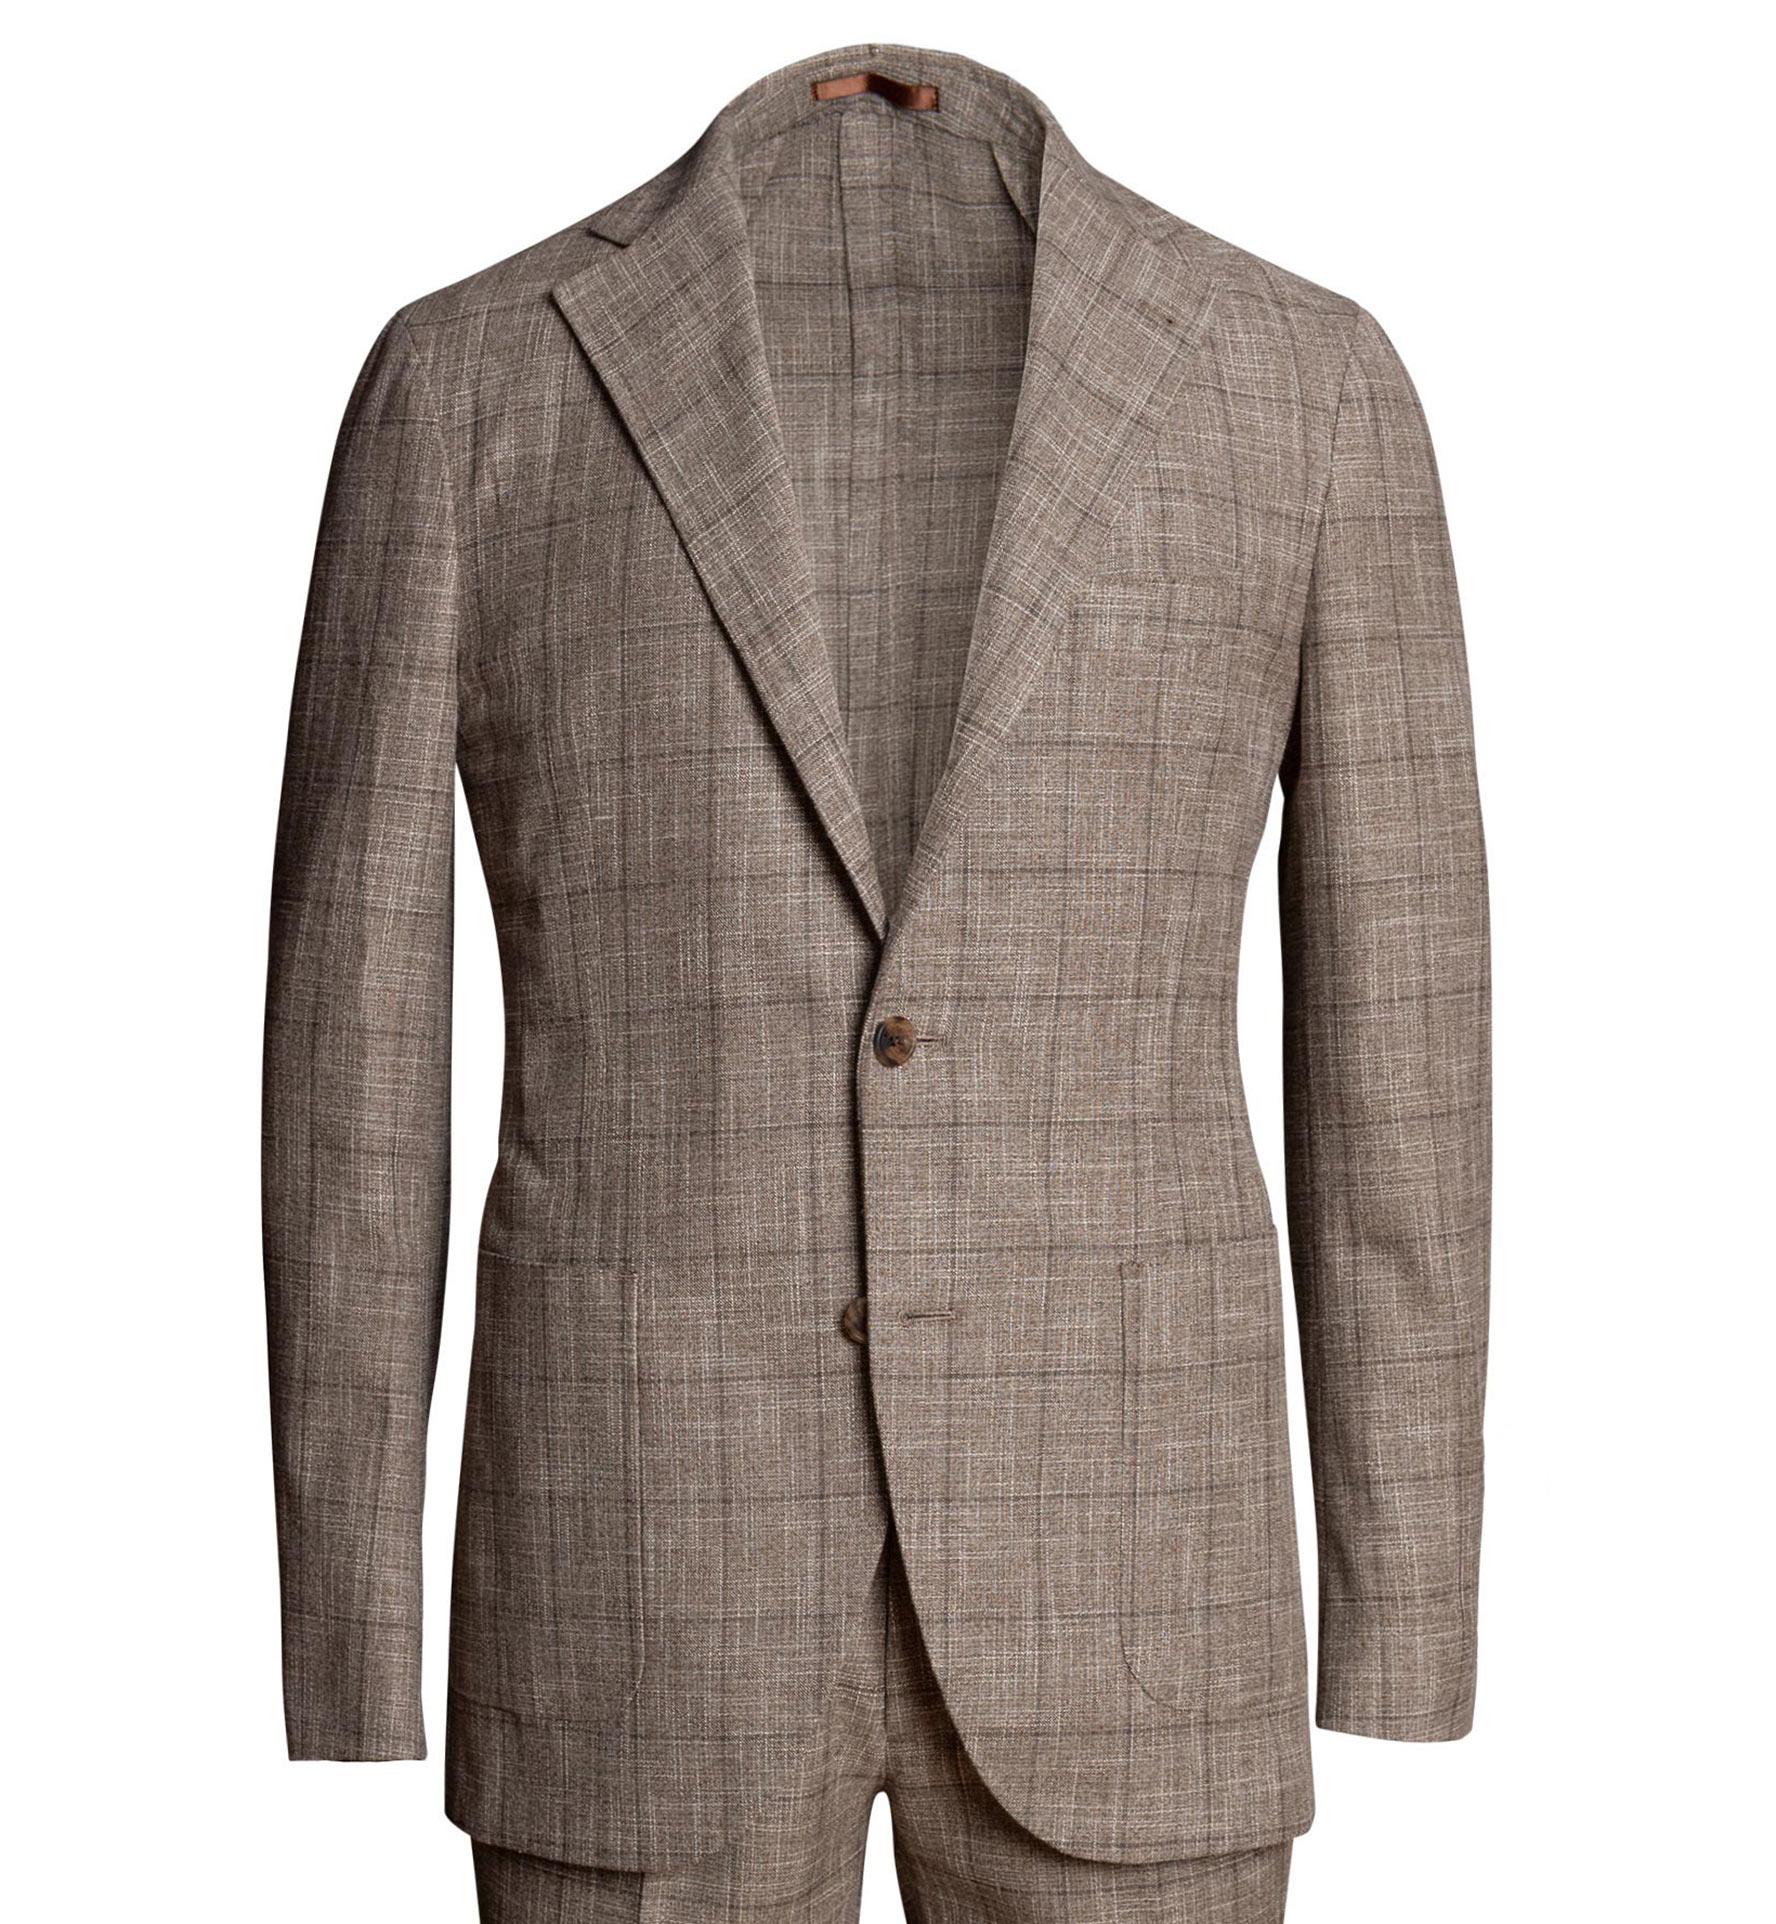 Zoom Image of Waverly Mocha Windowpane Slub Wool Blend Suit Jacket